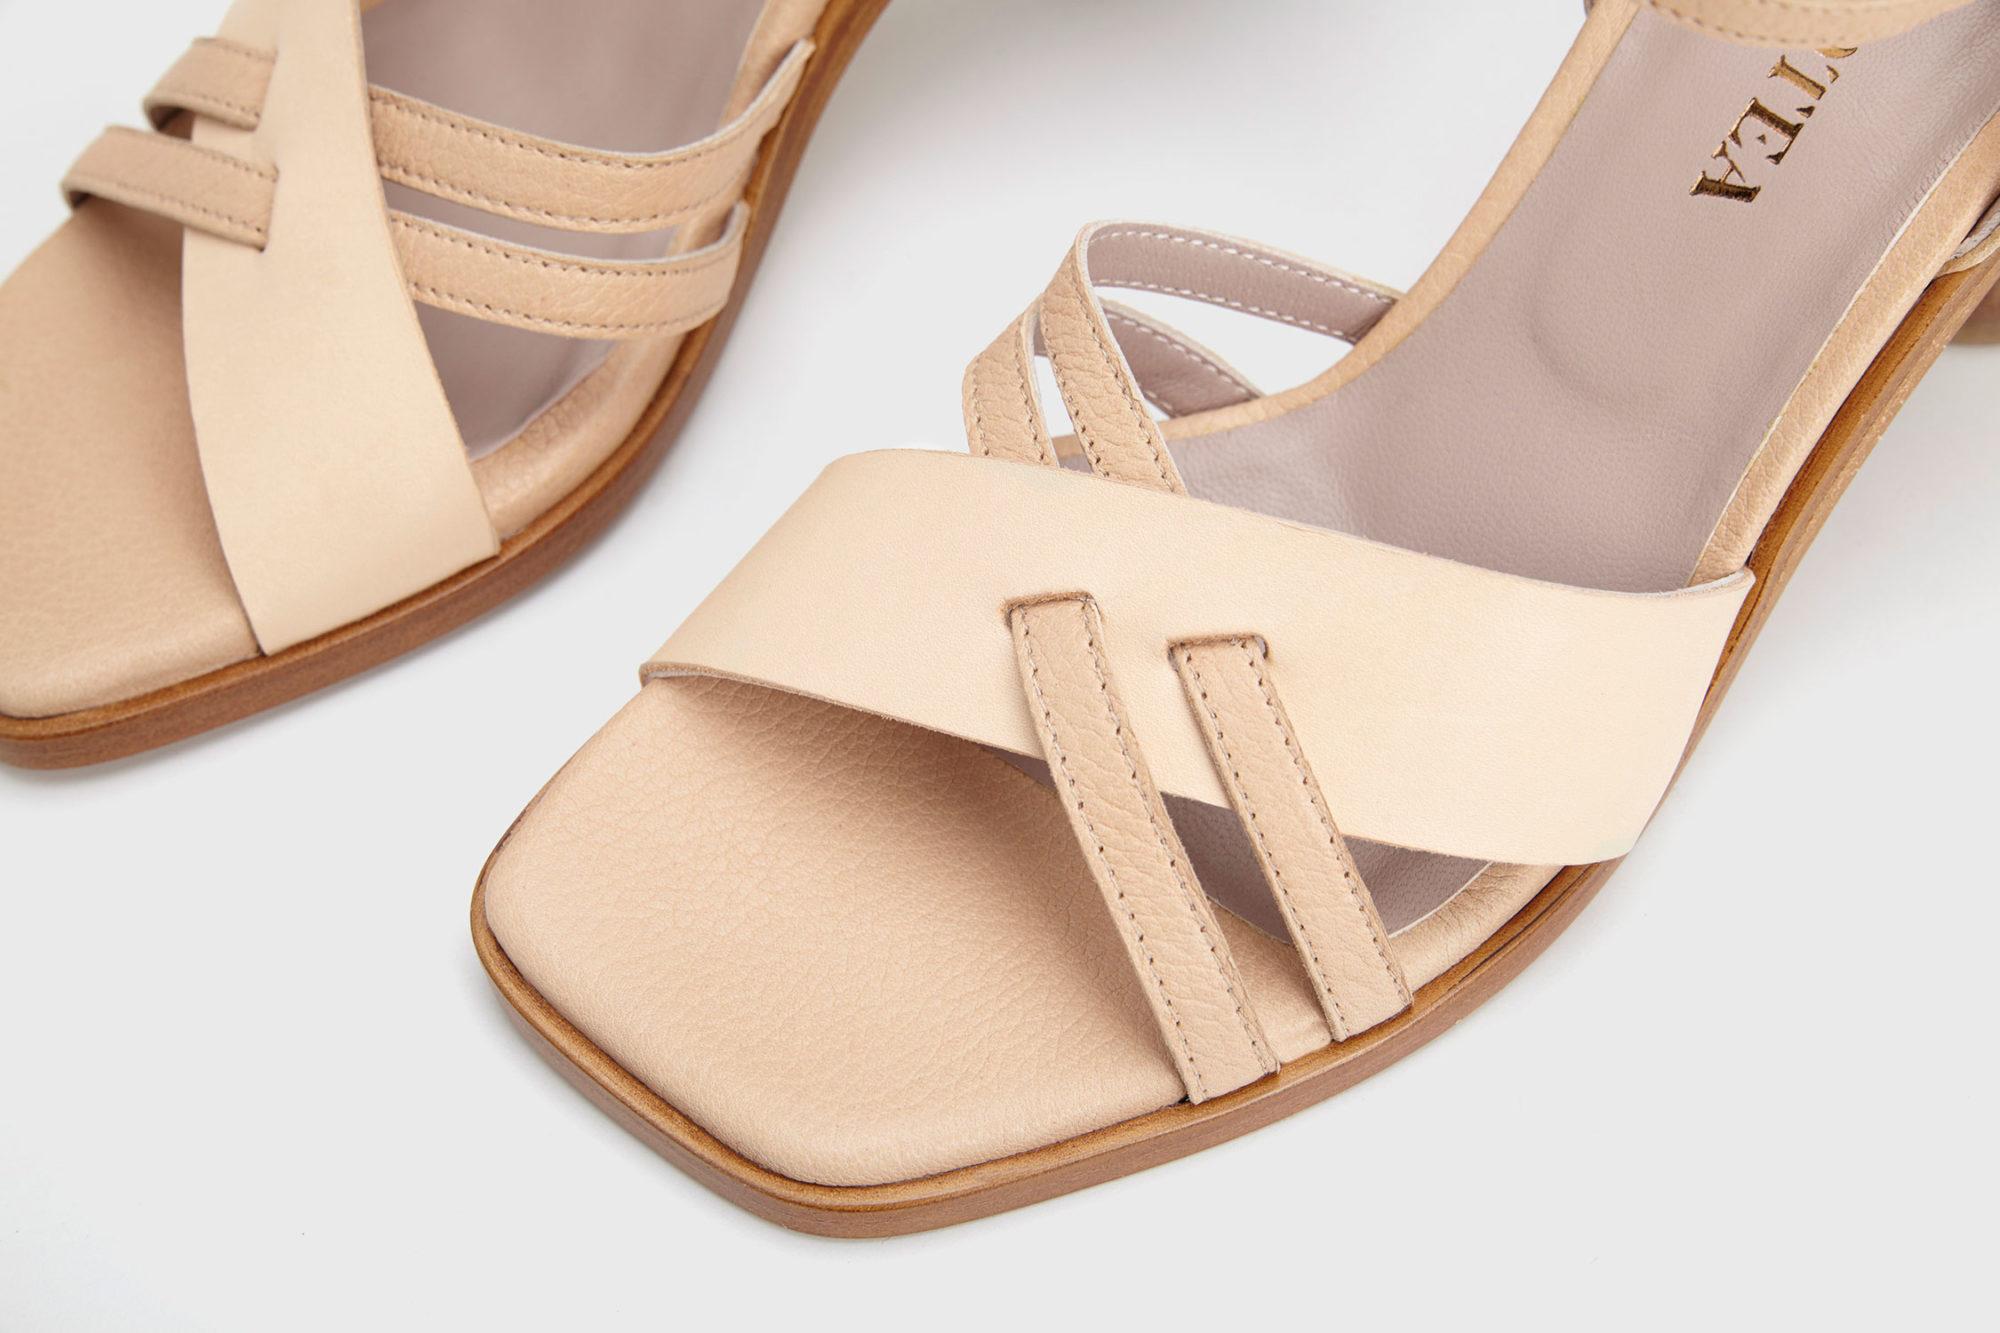 Dorotea sandalia de tacón alto Sophie nude ss17 detalle